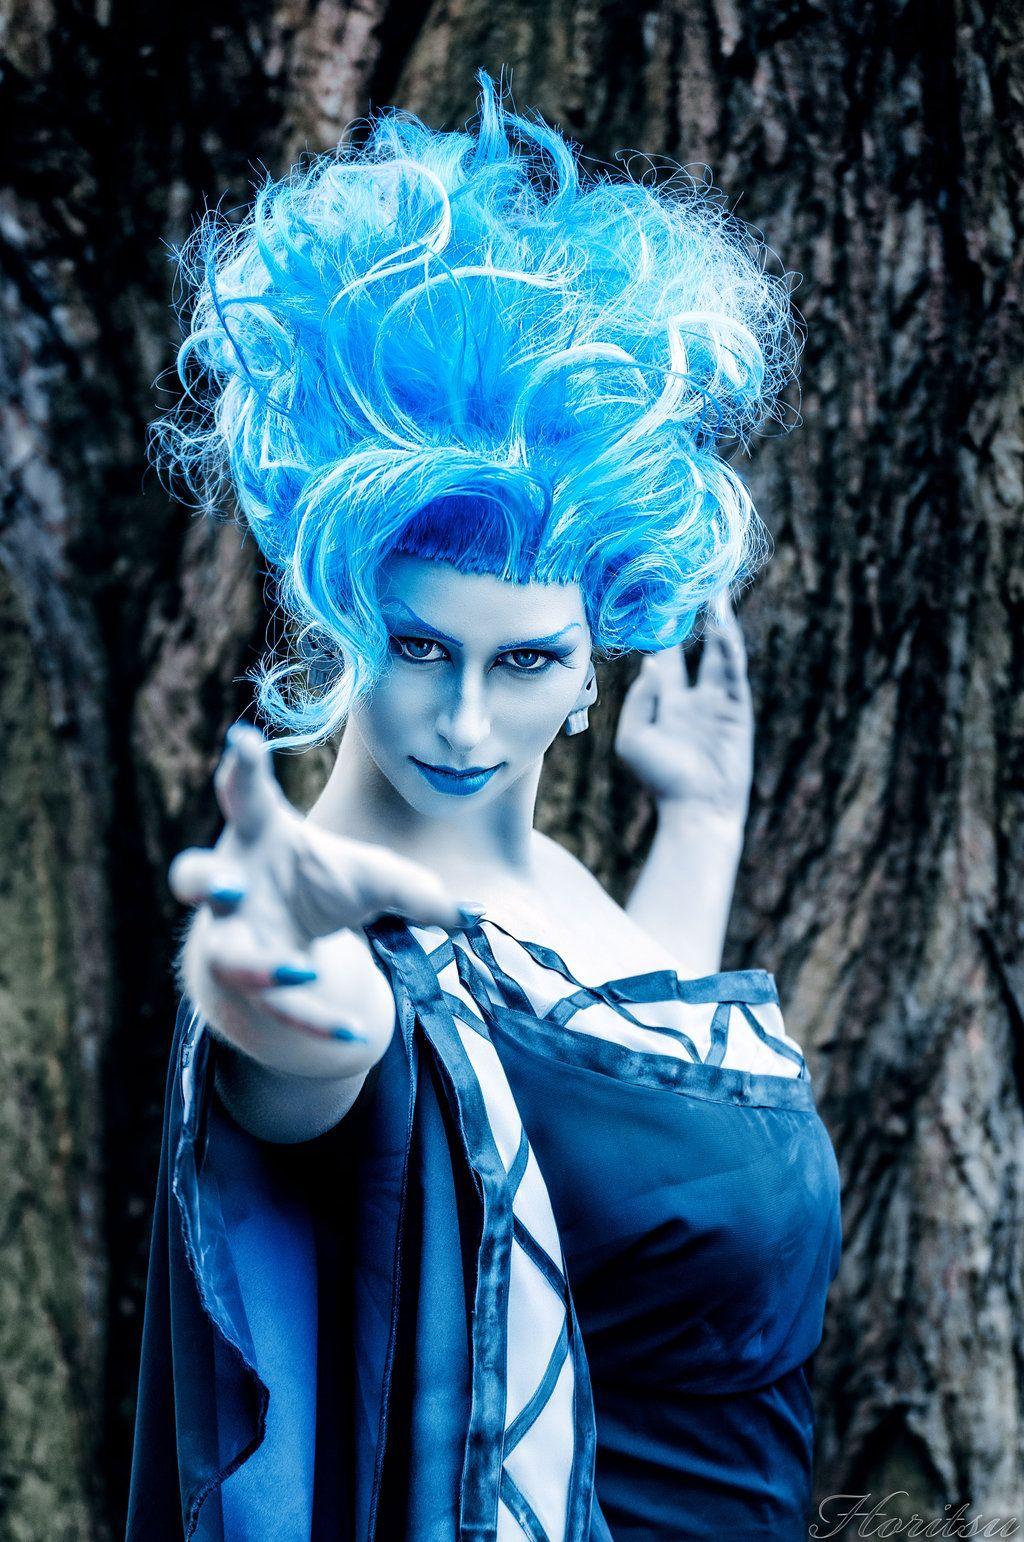 Female hades hercules by horitsu cosplay best cosplay